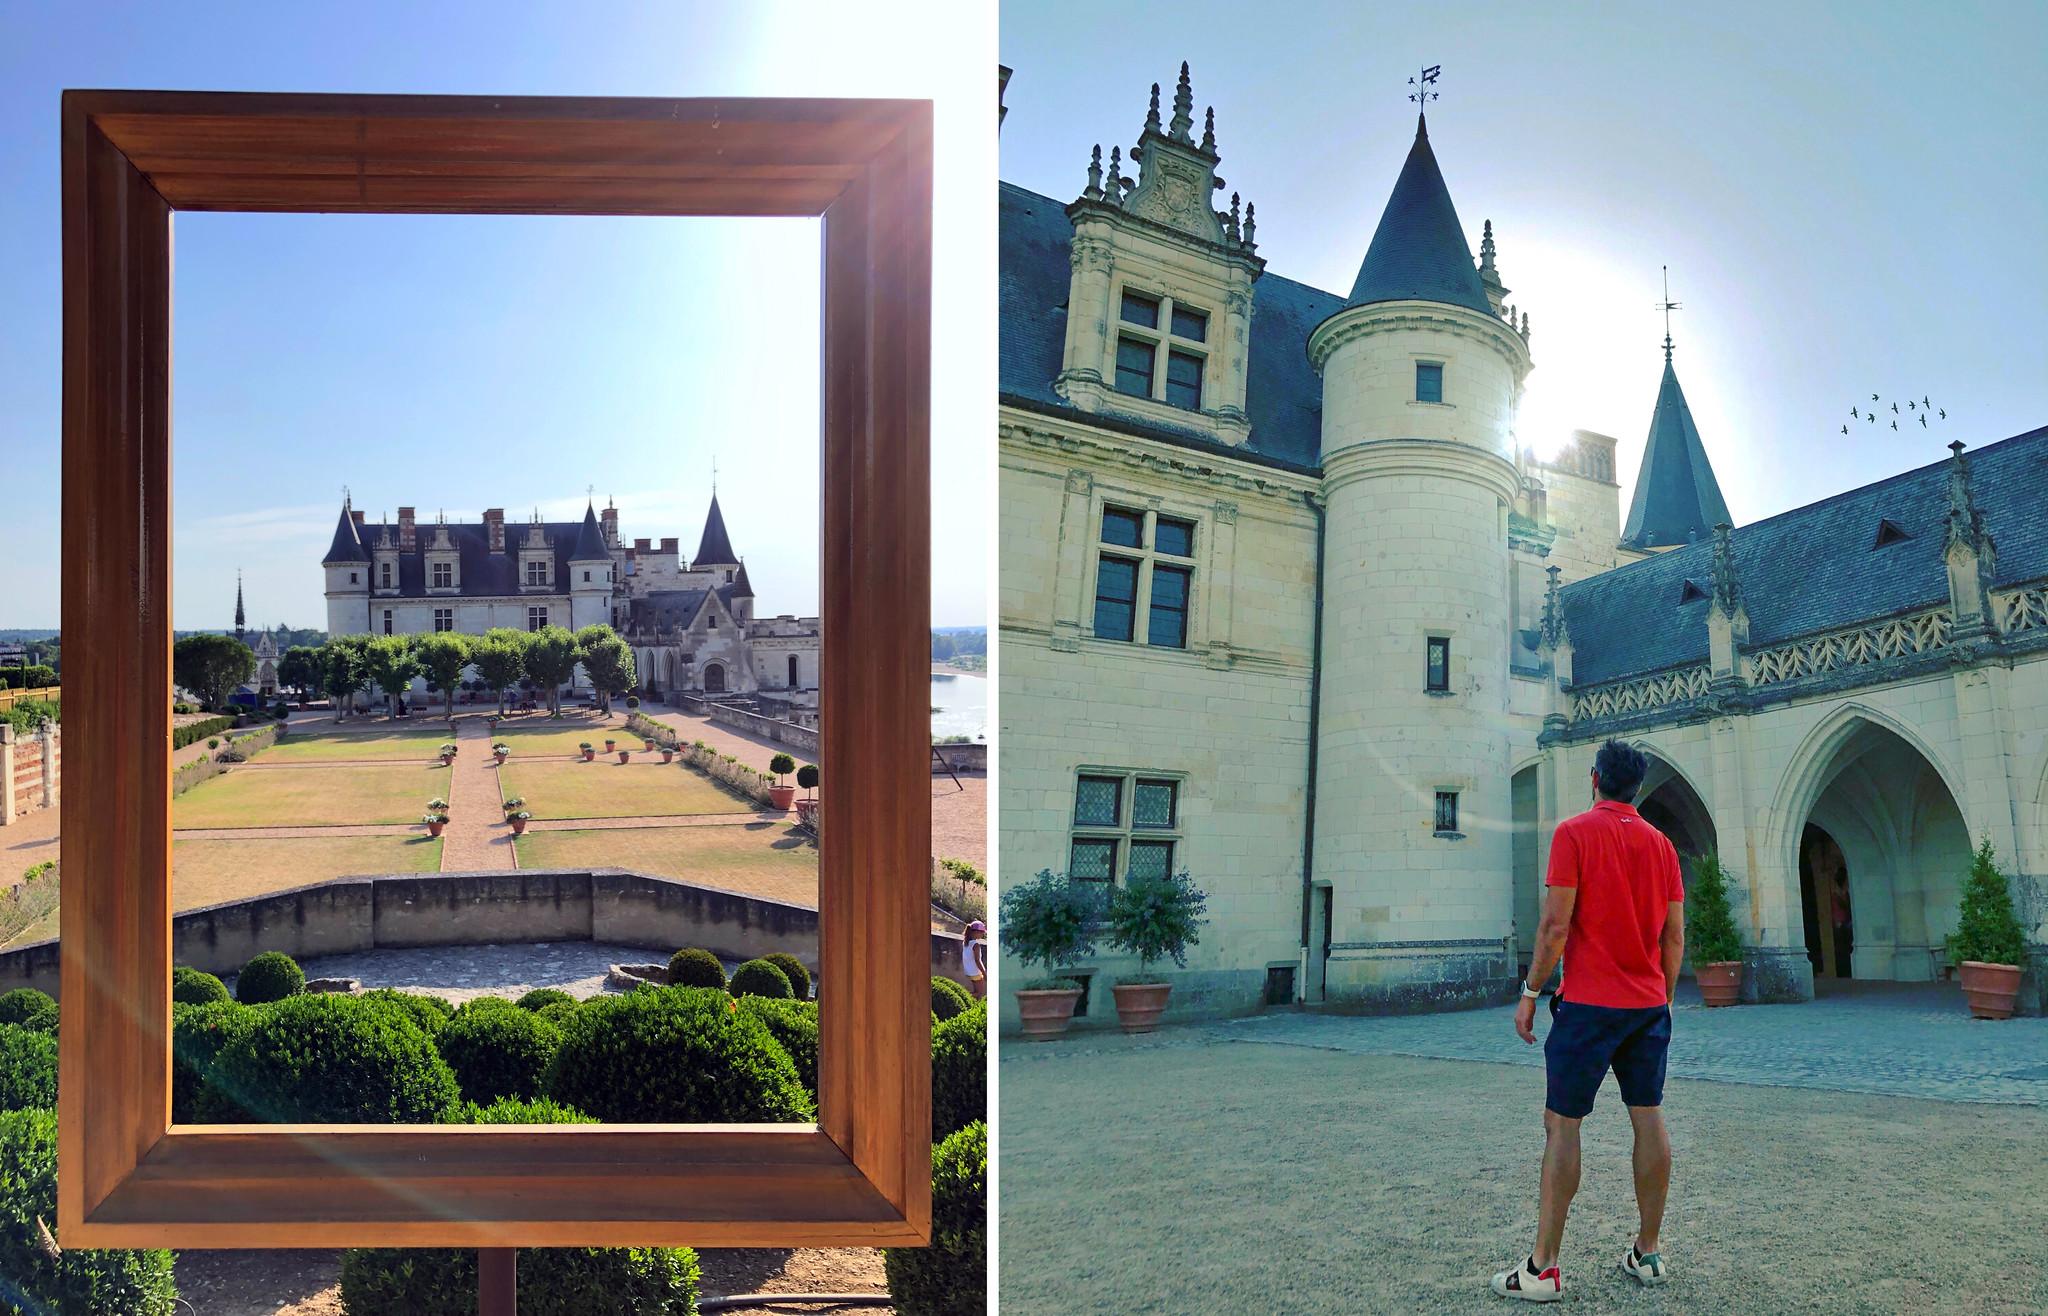 Valle del Loira en 2 días, Francia - Amboise, Tours, Chenonceau valle del loira en 2 días - 48643791331 4f1d8995ec k - Valle del Loira en 2 días